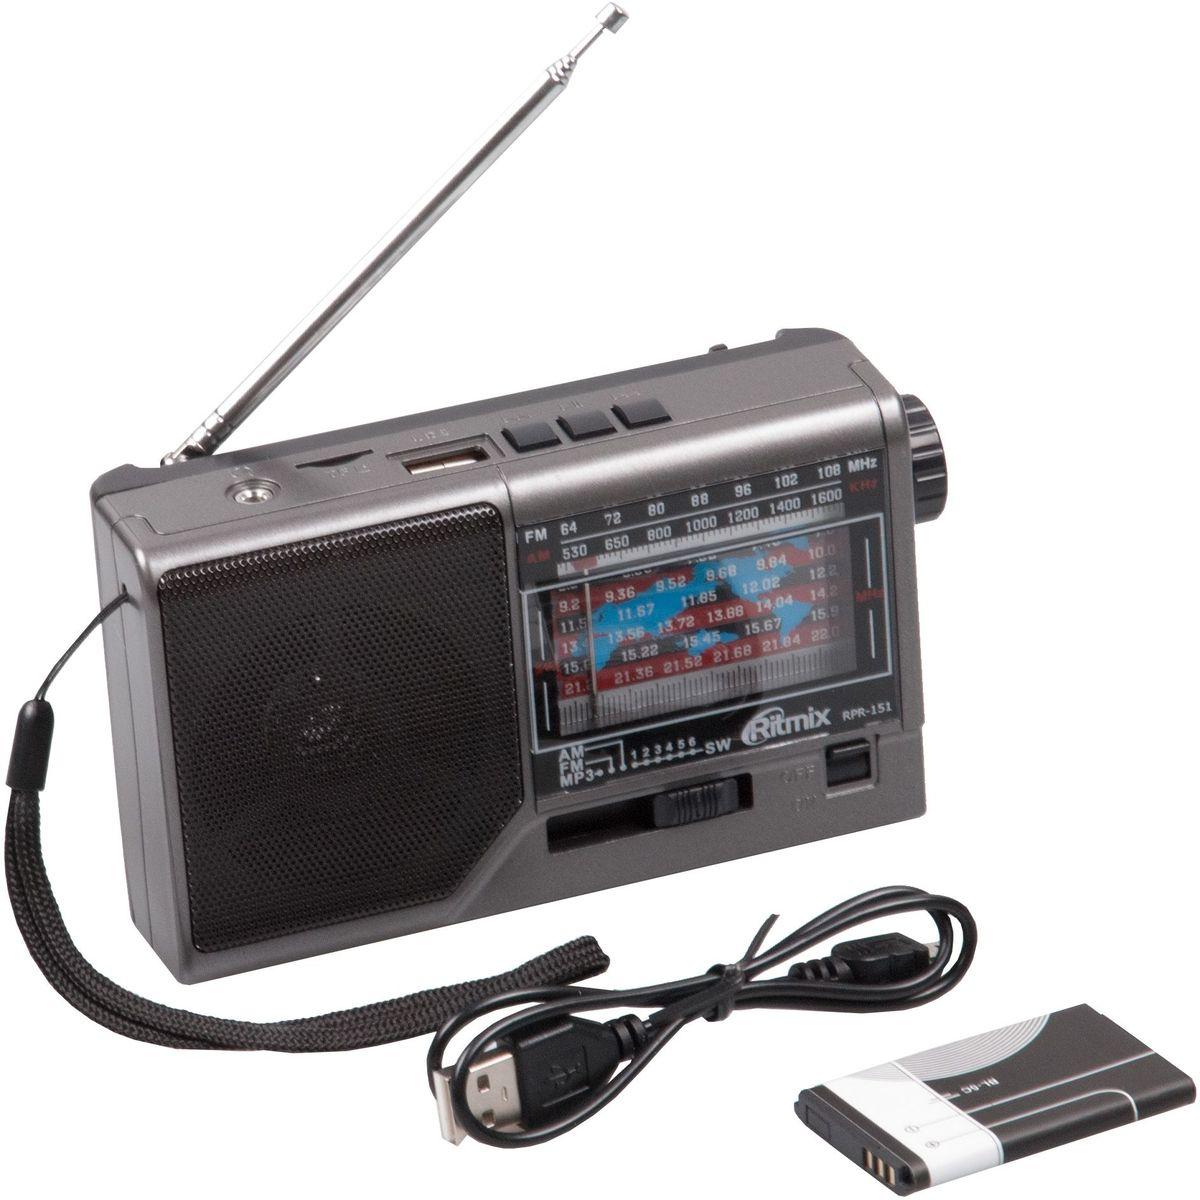 Ritmix RPR-151 радиоприемник15118945Ritmix RPR-151 – портативный восьмидиапазонный радиоприёмник с возможностью чтения MP3-файлов с карт памяти microSD или USB-флэшки. Устройство снабжено встроенным аккумулятором. Также может работать от 3 батареек типа АА. Телескопическая поворотная антенна 360° для обеспечивает уверенный прием. Имеется разъём для подключения наушников.